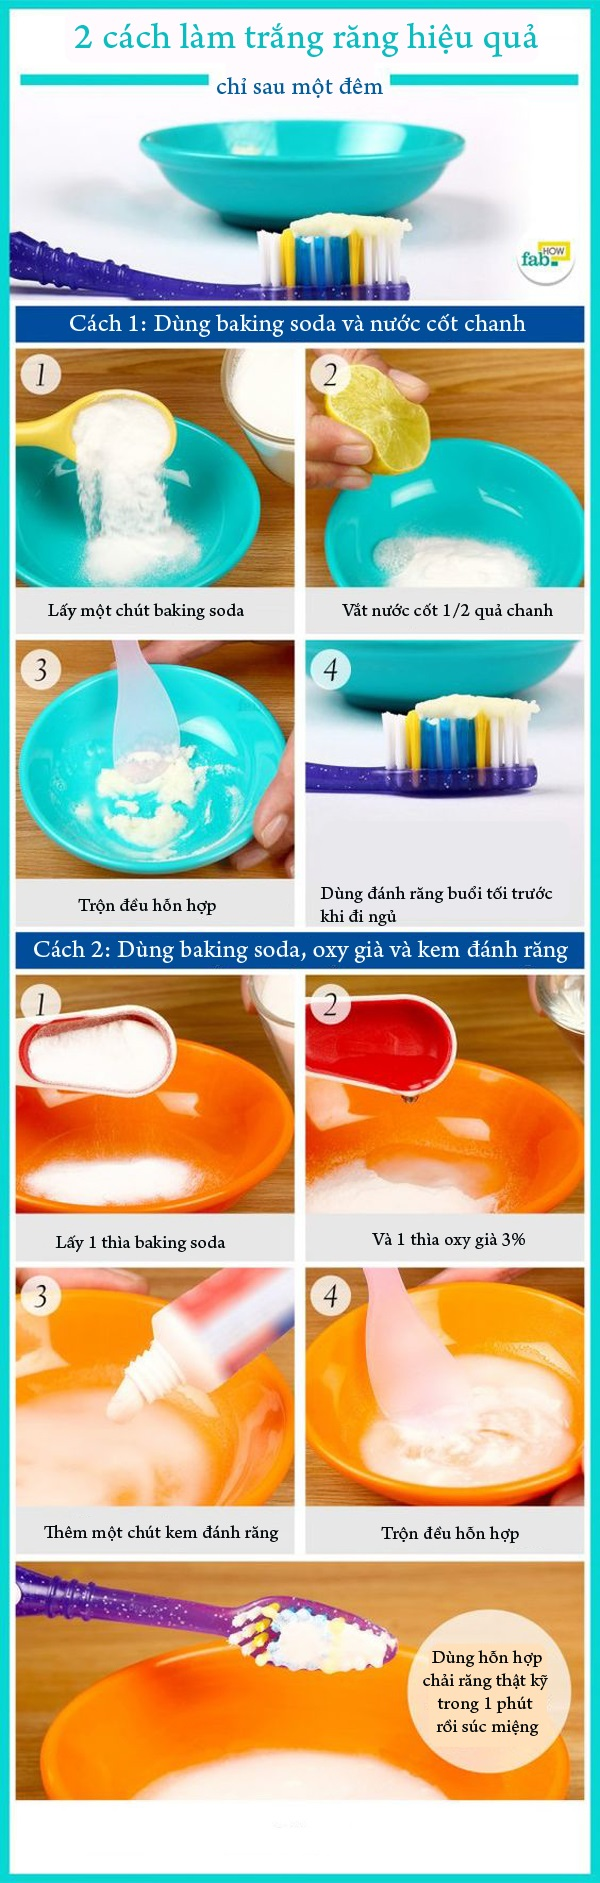 2 cách tẩy trắng răng tại nhà chỉ sau một đêm - Ảnh 1